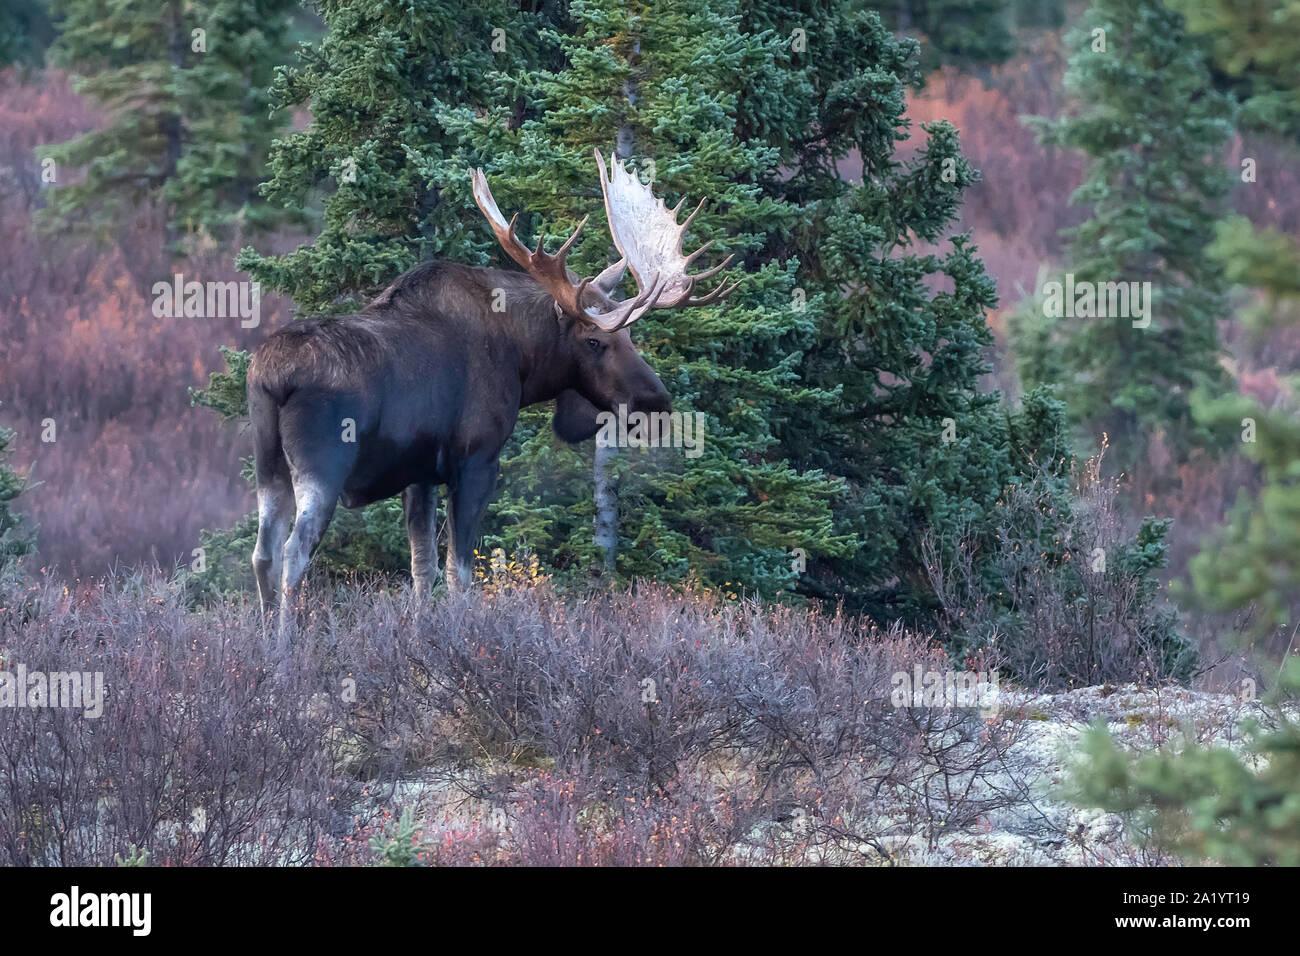 Bull Moose in Denali National Park, Alaska Stock Photo